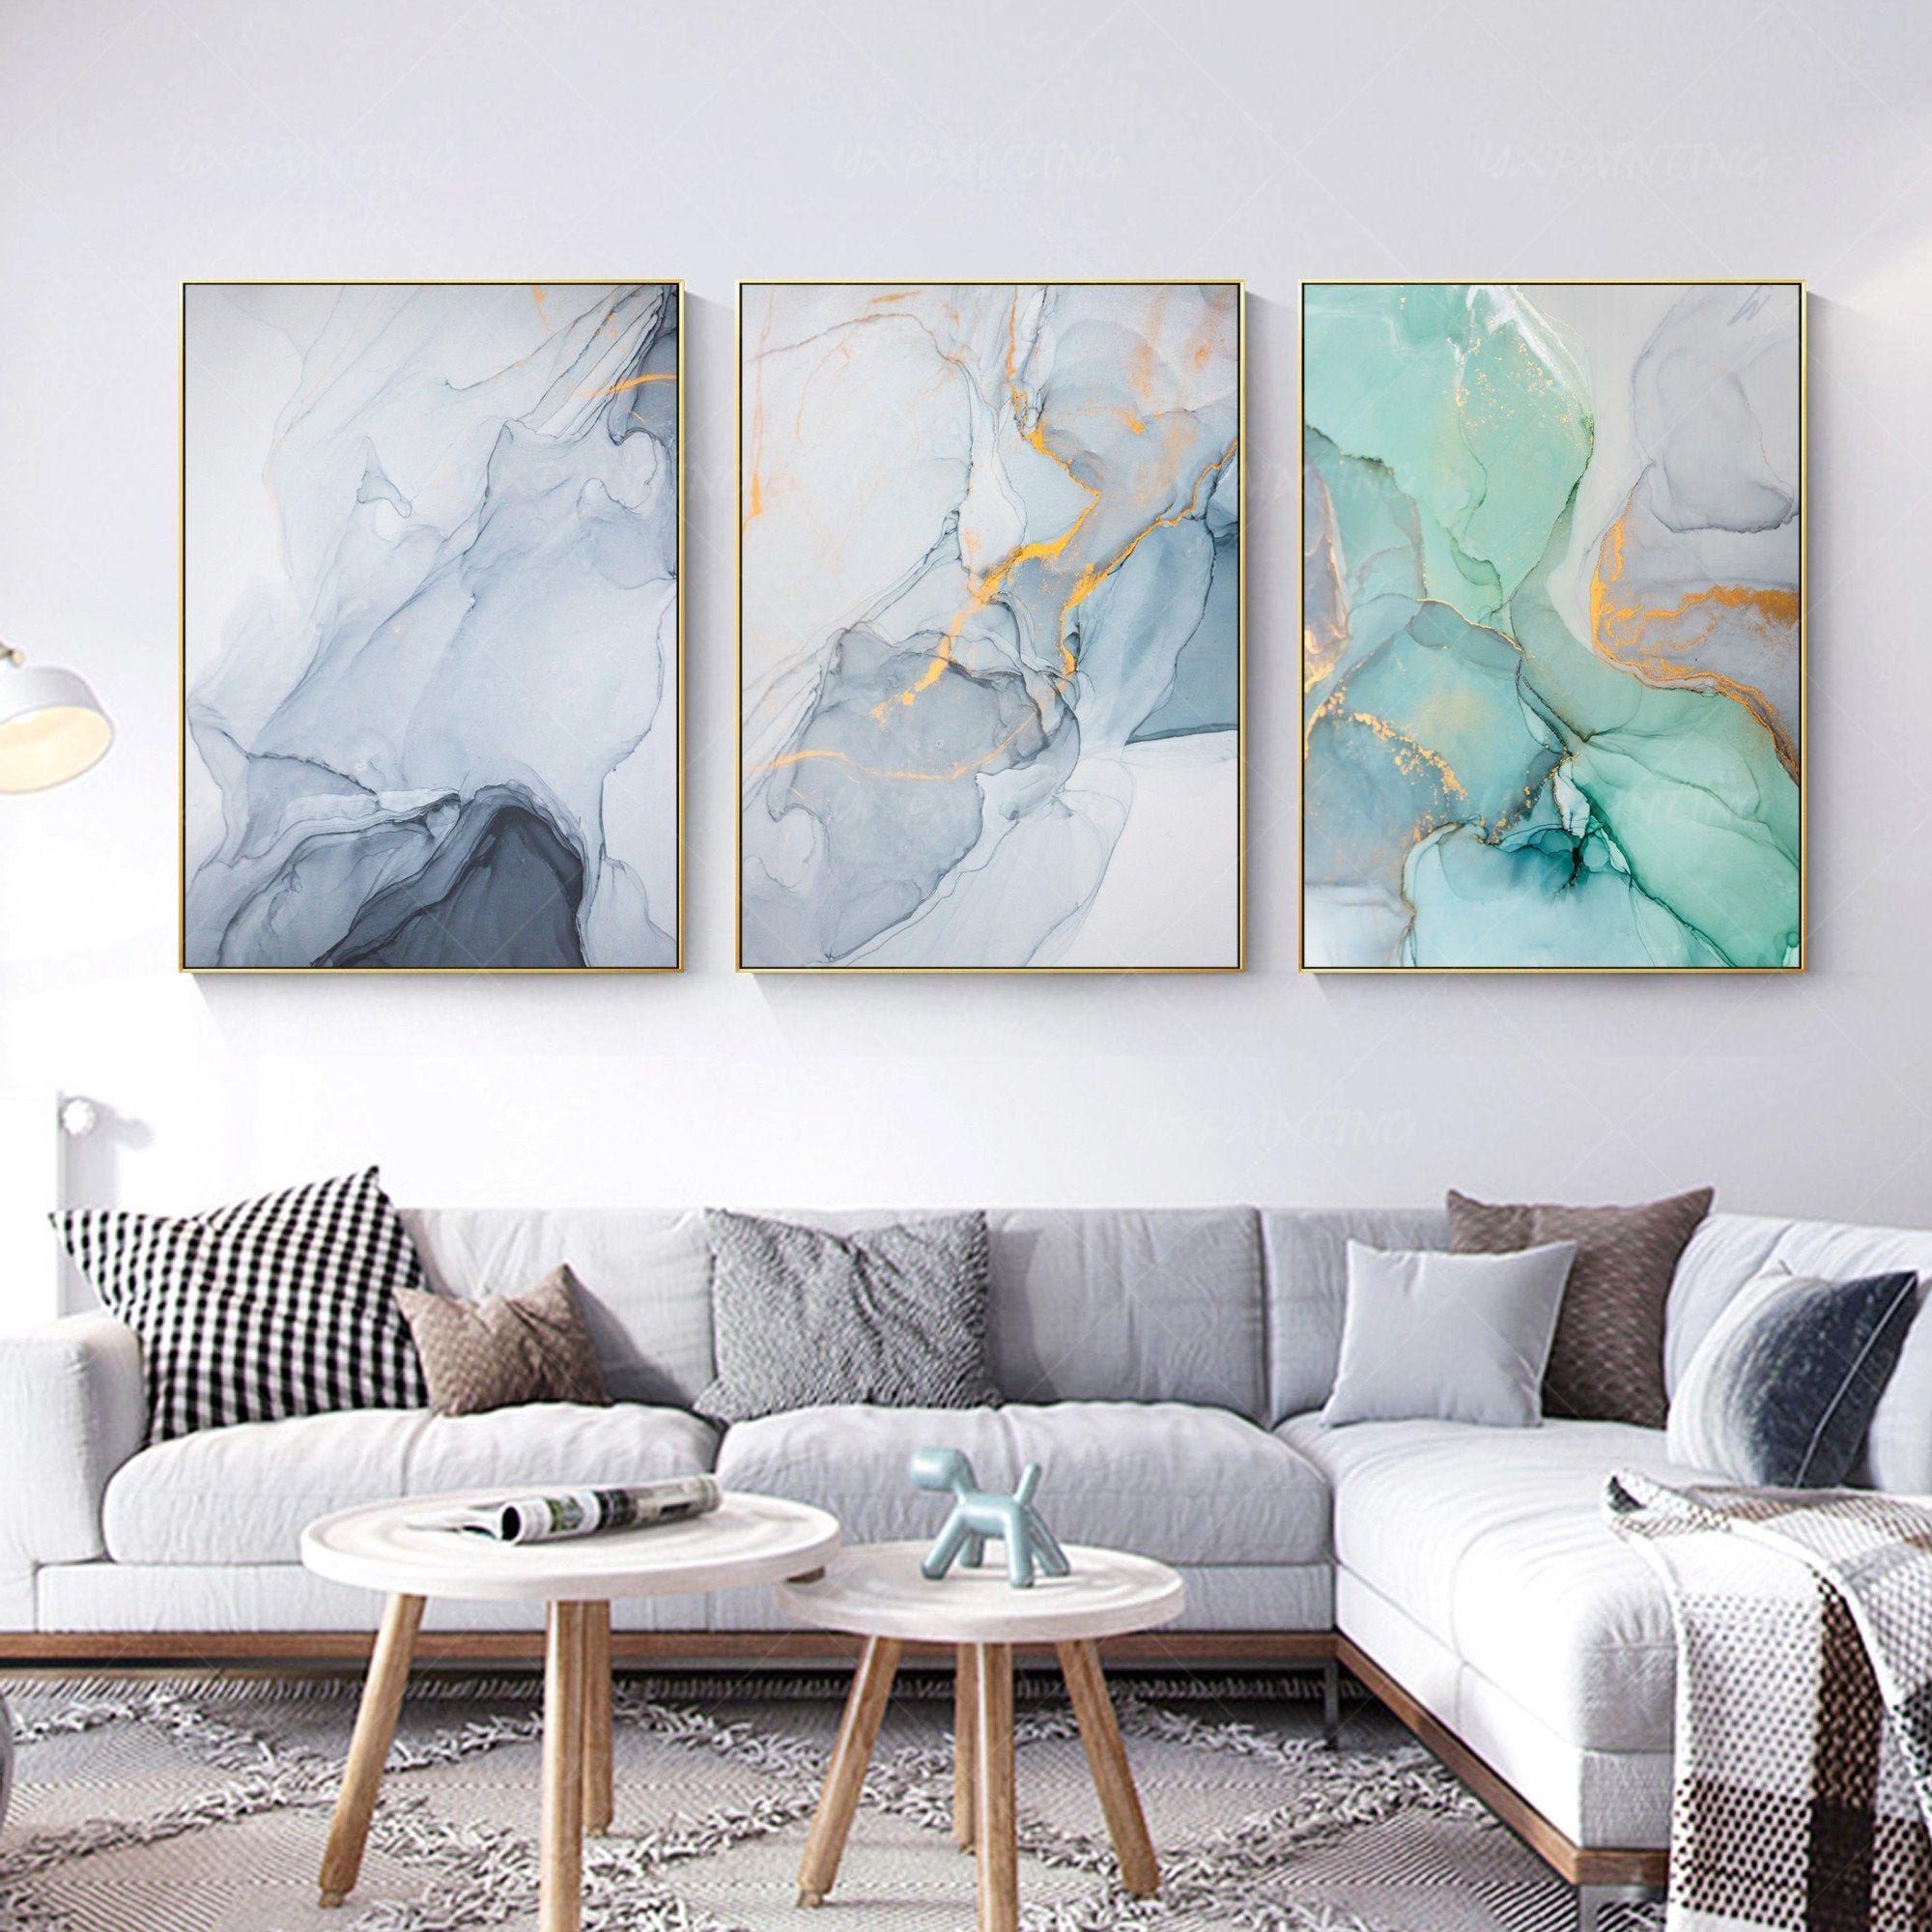 3 Pieces Wall Art Abstract Print Teal Blue Green Print On Etsy In 2021 3 Piece Wall Art Three Piece Wall Art Green Wall Art